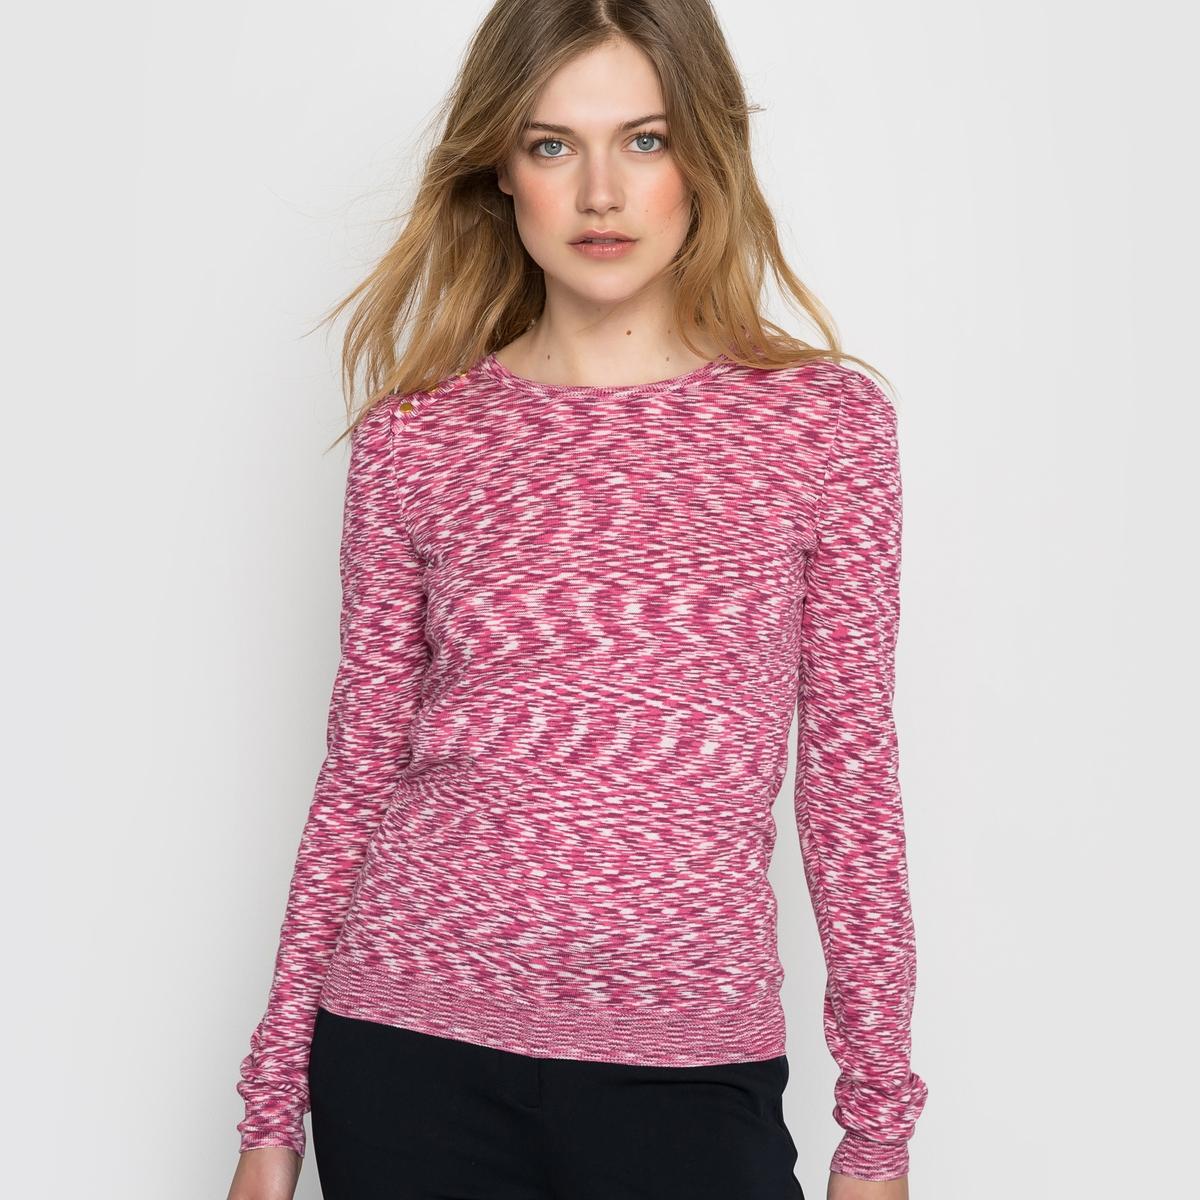 Пуловер из тонкого трикотажаСостав и деталиМатериал: тонкий трикотаж, 100% хлопкаДлина 57 смБренд: Mademoiselle R<br><br>Цвет: красный